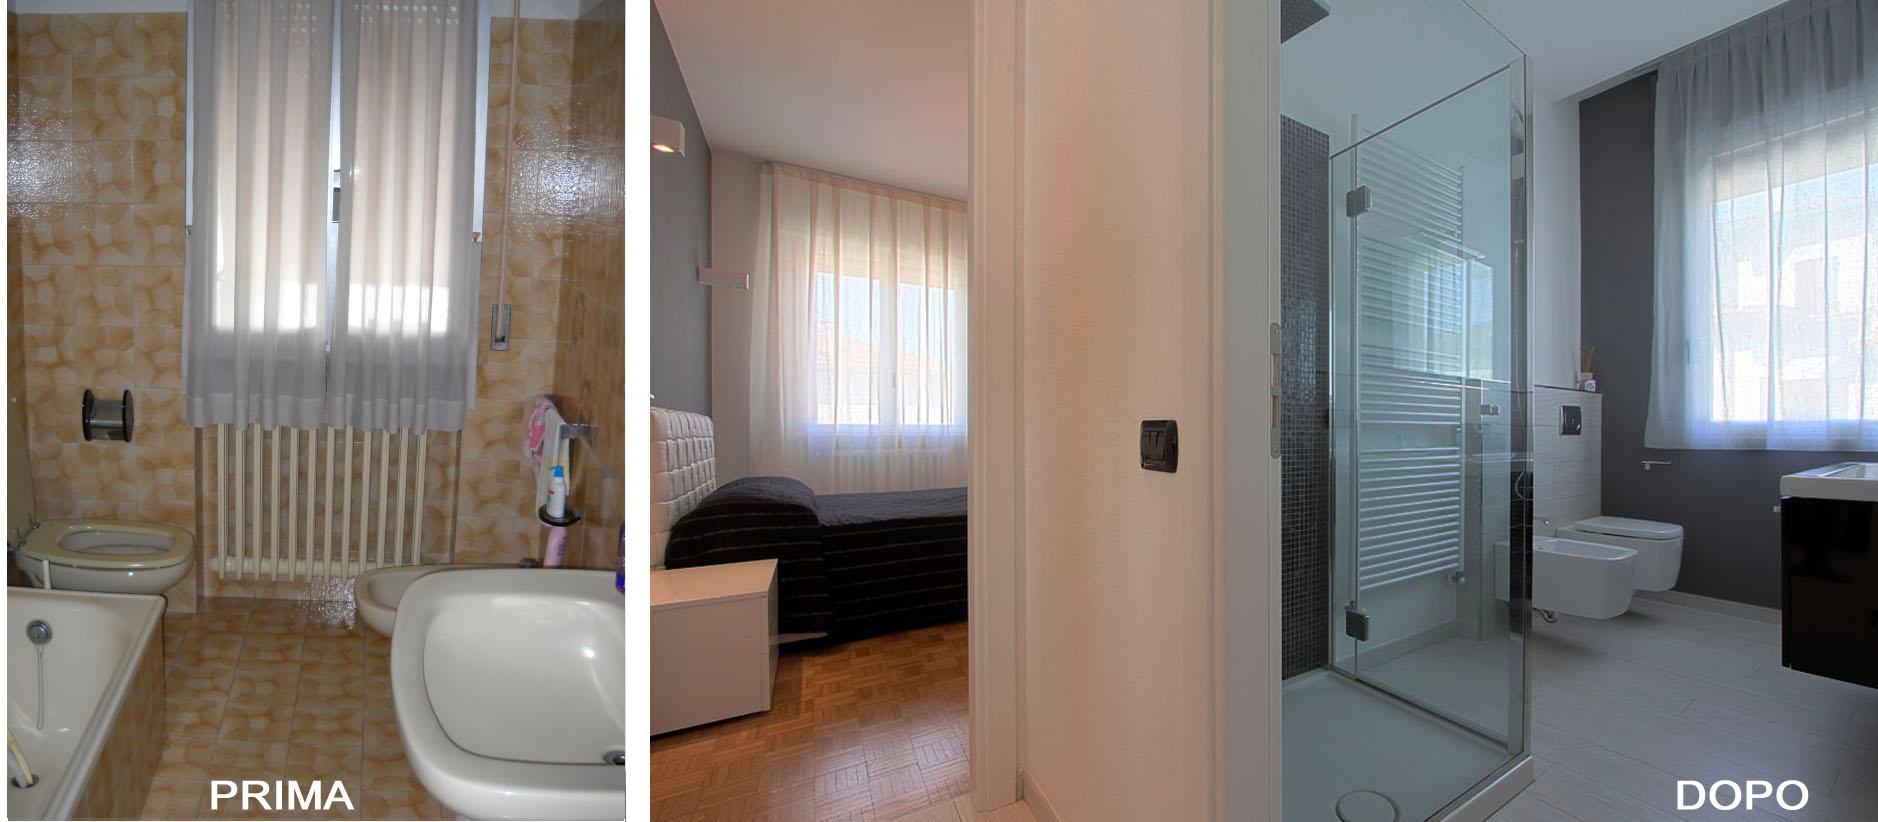 prima e dopo i lavori Â« Massimiliano Antimi architetto ...